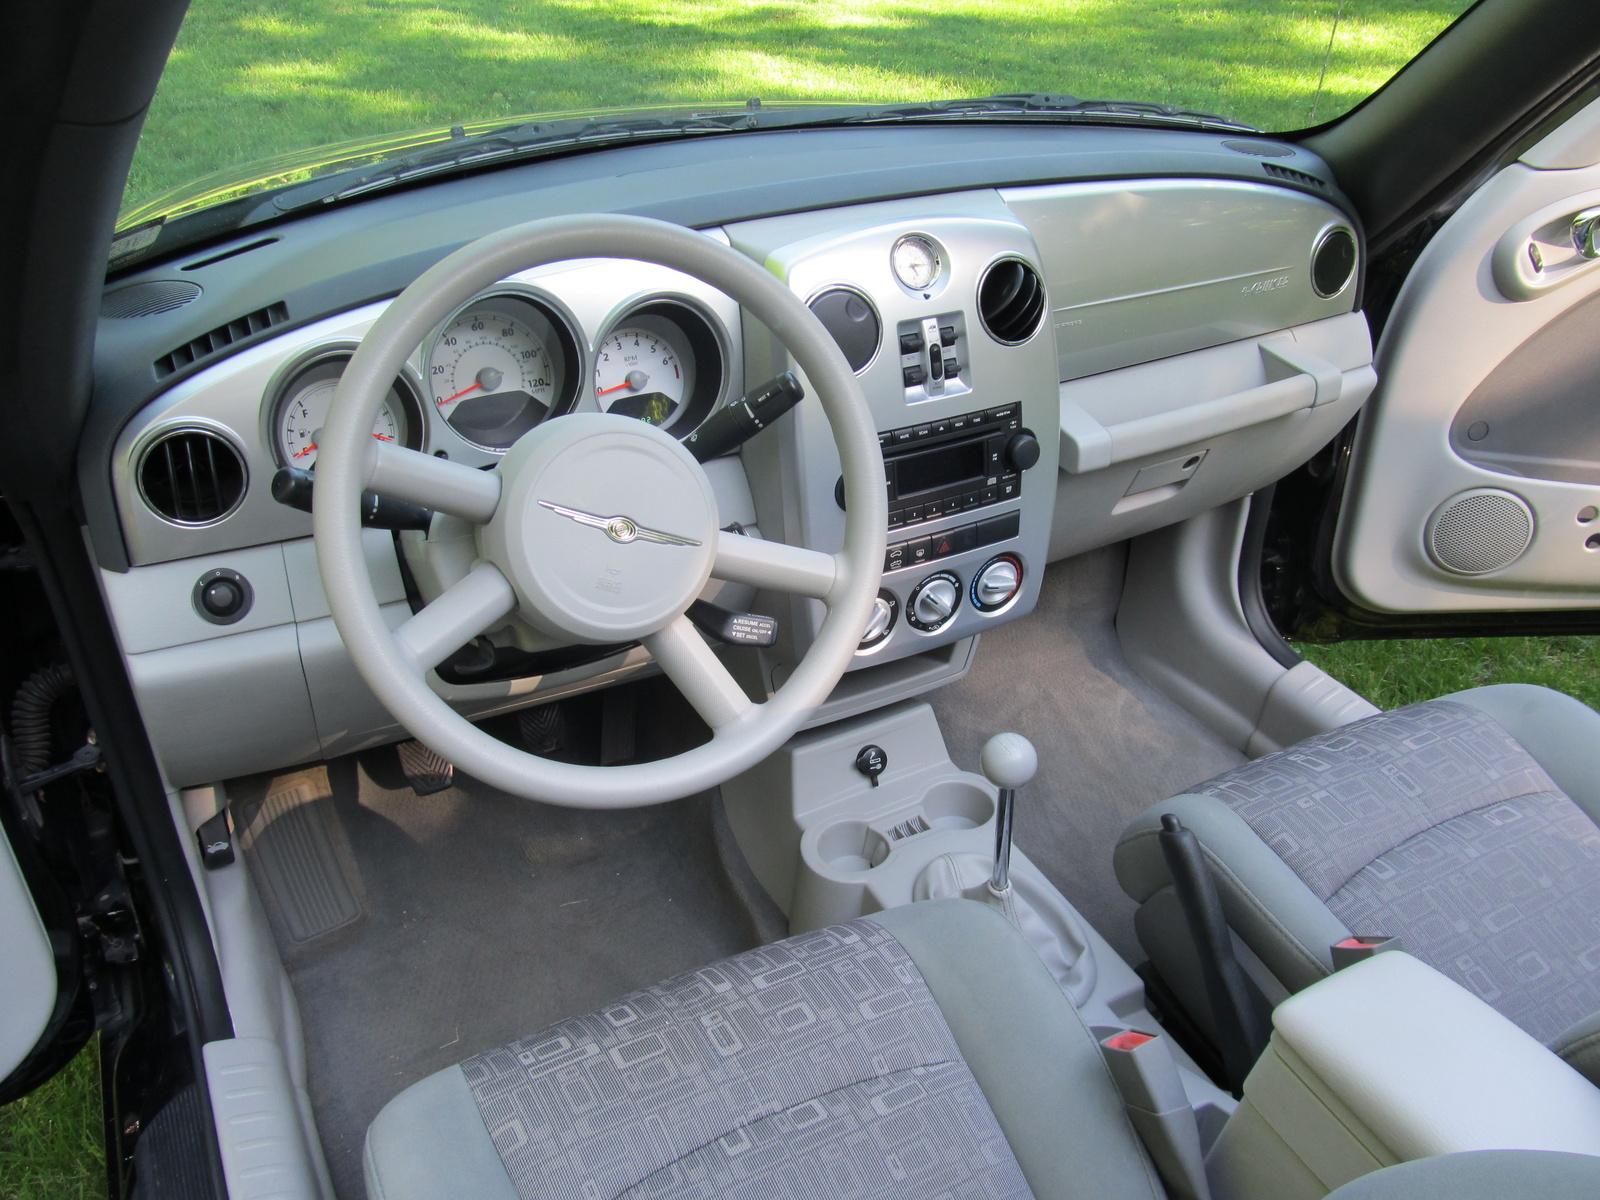 2006 Chrysler Pt Cruiser Interior Pictures Cargurus